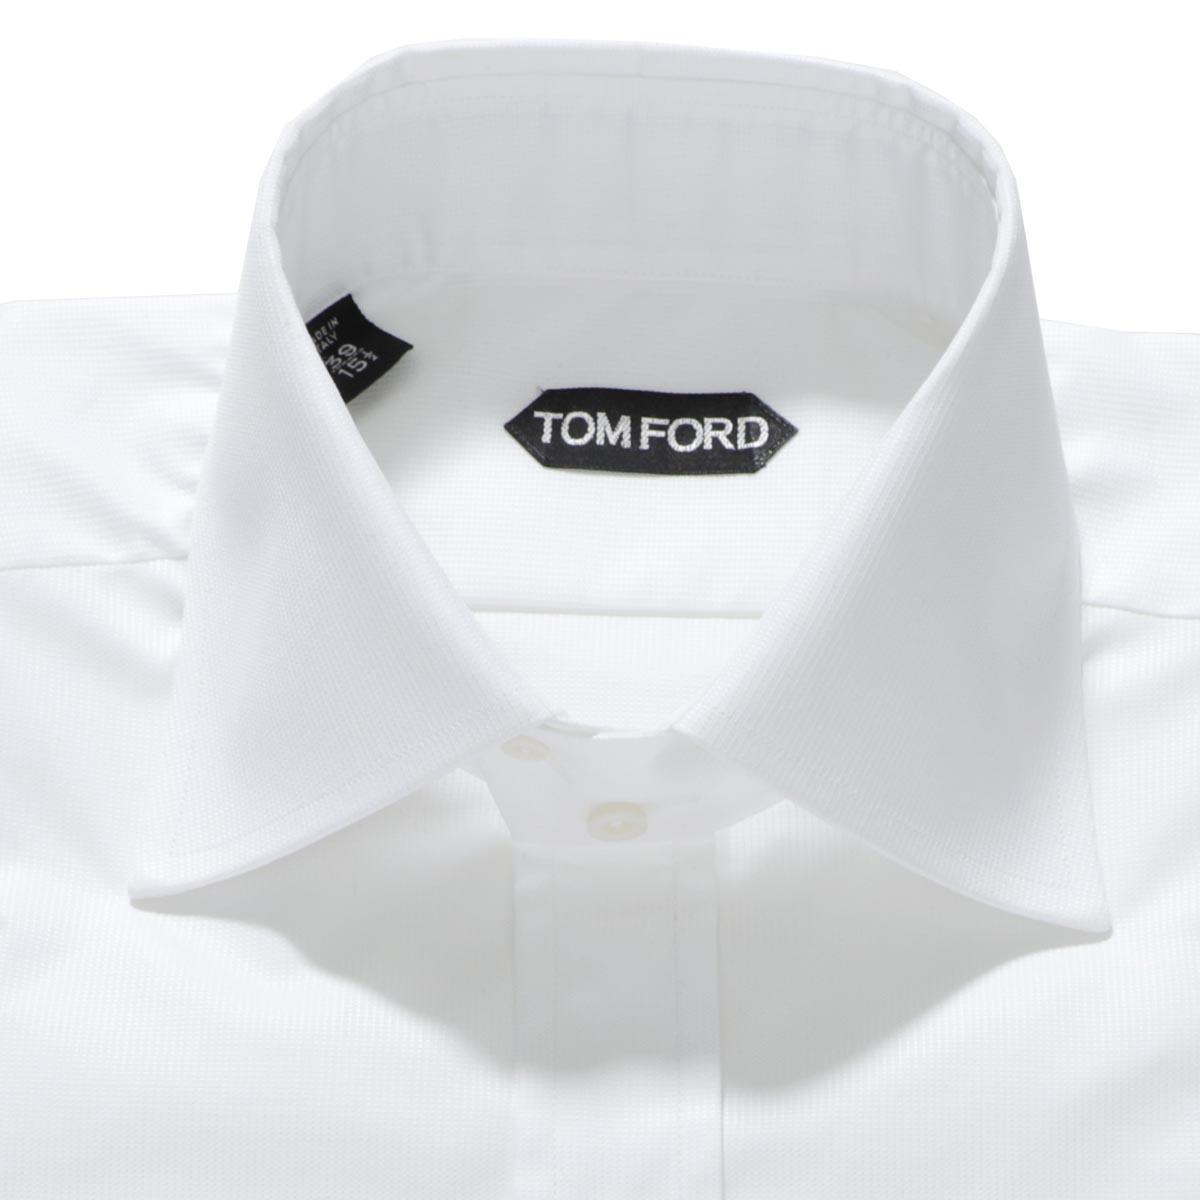 【アウトレット】トムフォード TOM FORD ホリゾンタルカラー シャツ ホワイト メンズ フォーマル インナー 大きいサイズあり 94c1ig 4ft051 g SHIRT TOM FORD【あす楽対応_関東】【返品送料無料】【ラッピング無料】